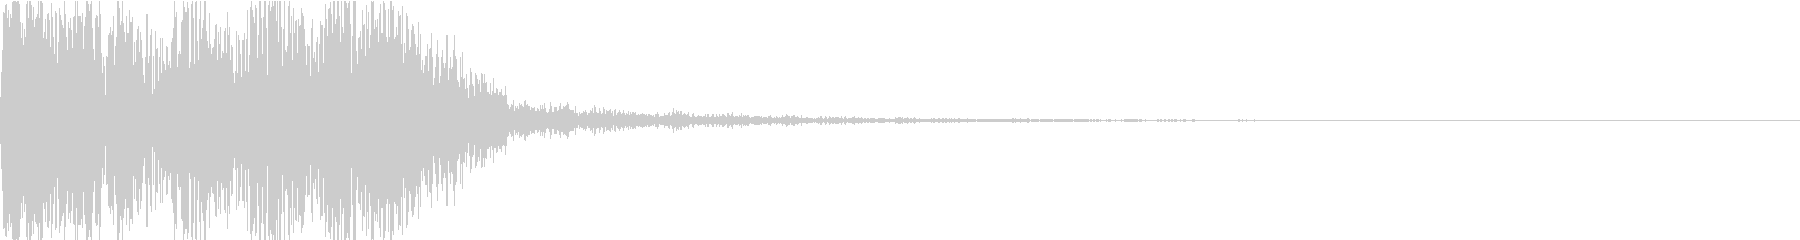 重低音でCINEMATICなDRONEの未再生の波形